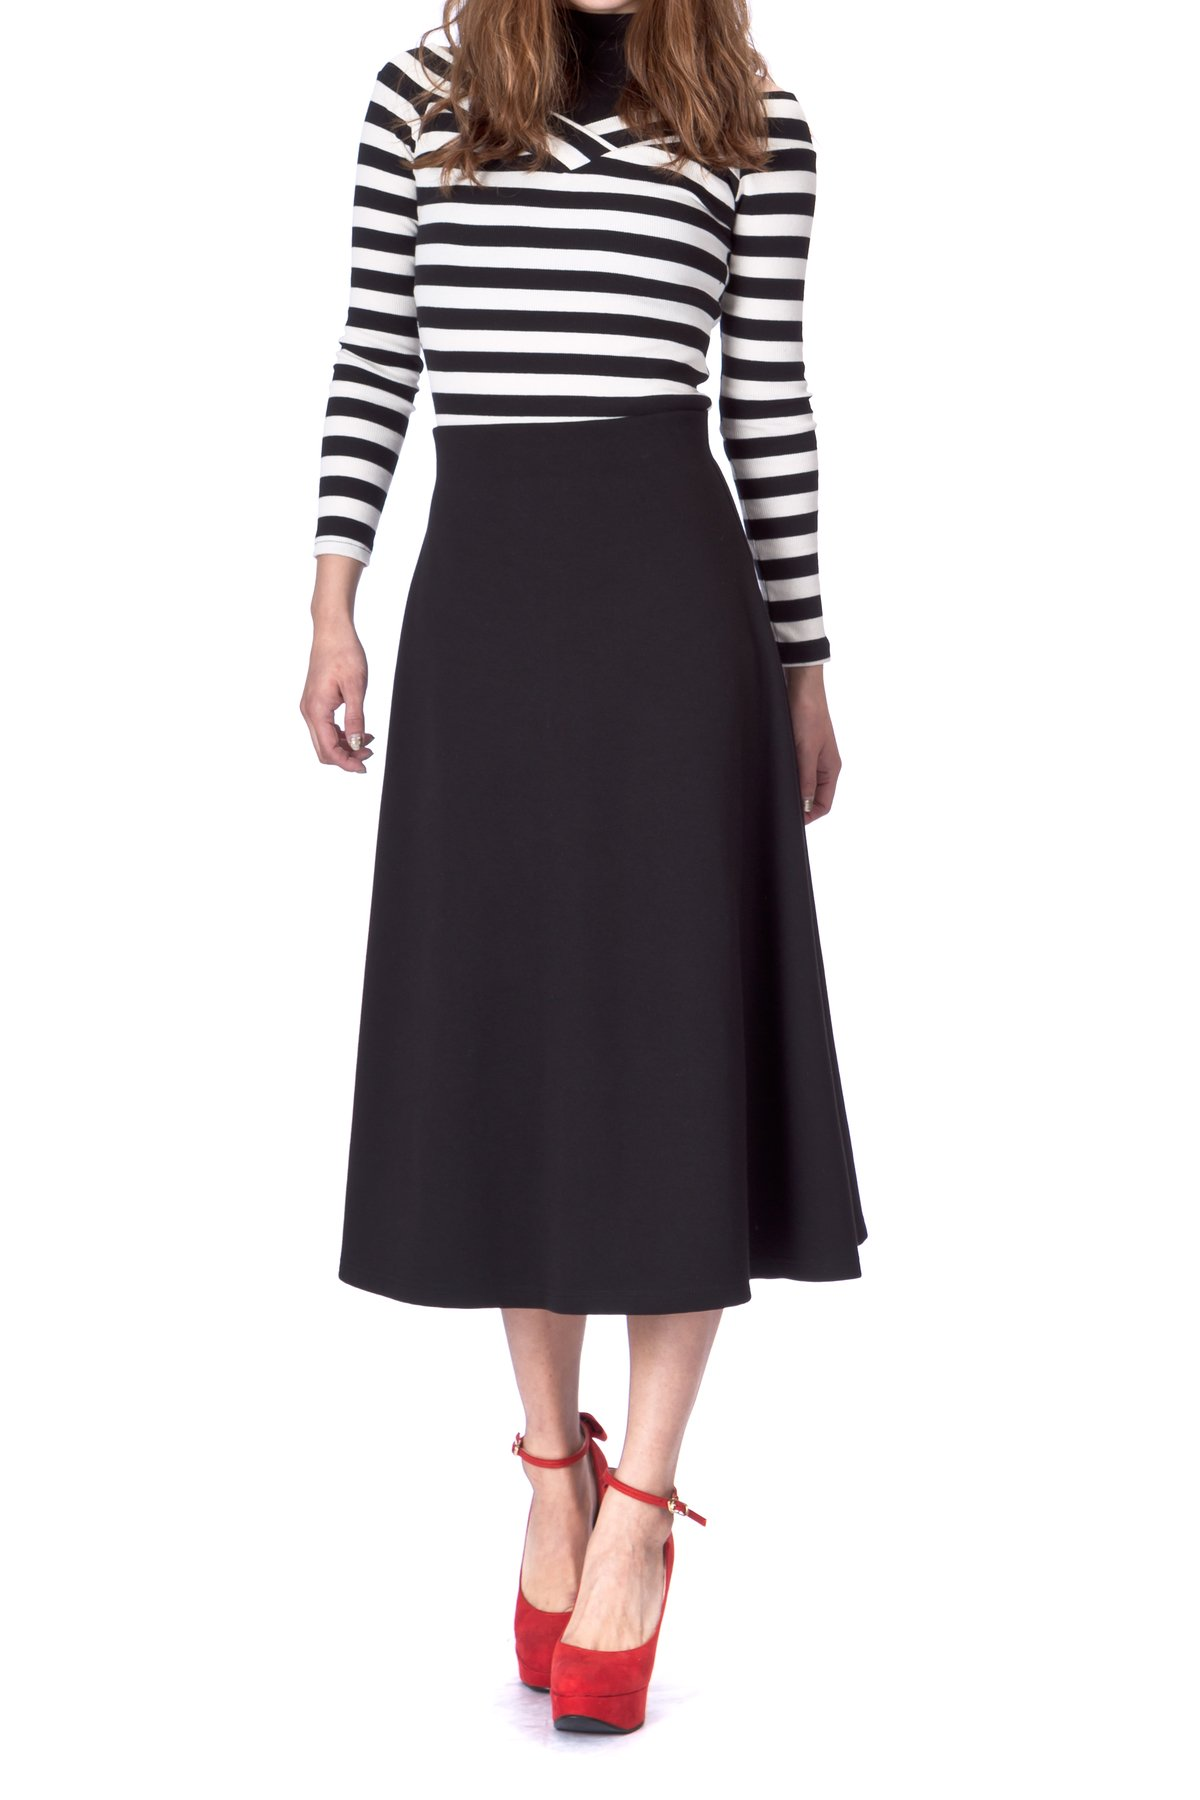 a2ccc62632 Cheap High Waist Flared Skirt, find High Waist Flared Skirt deals on ...